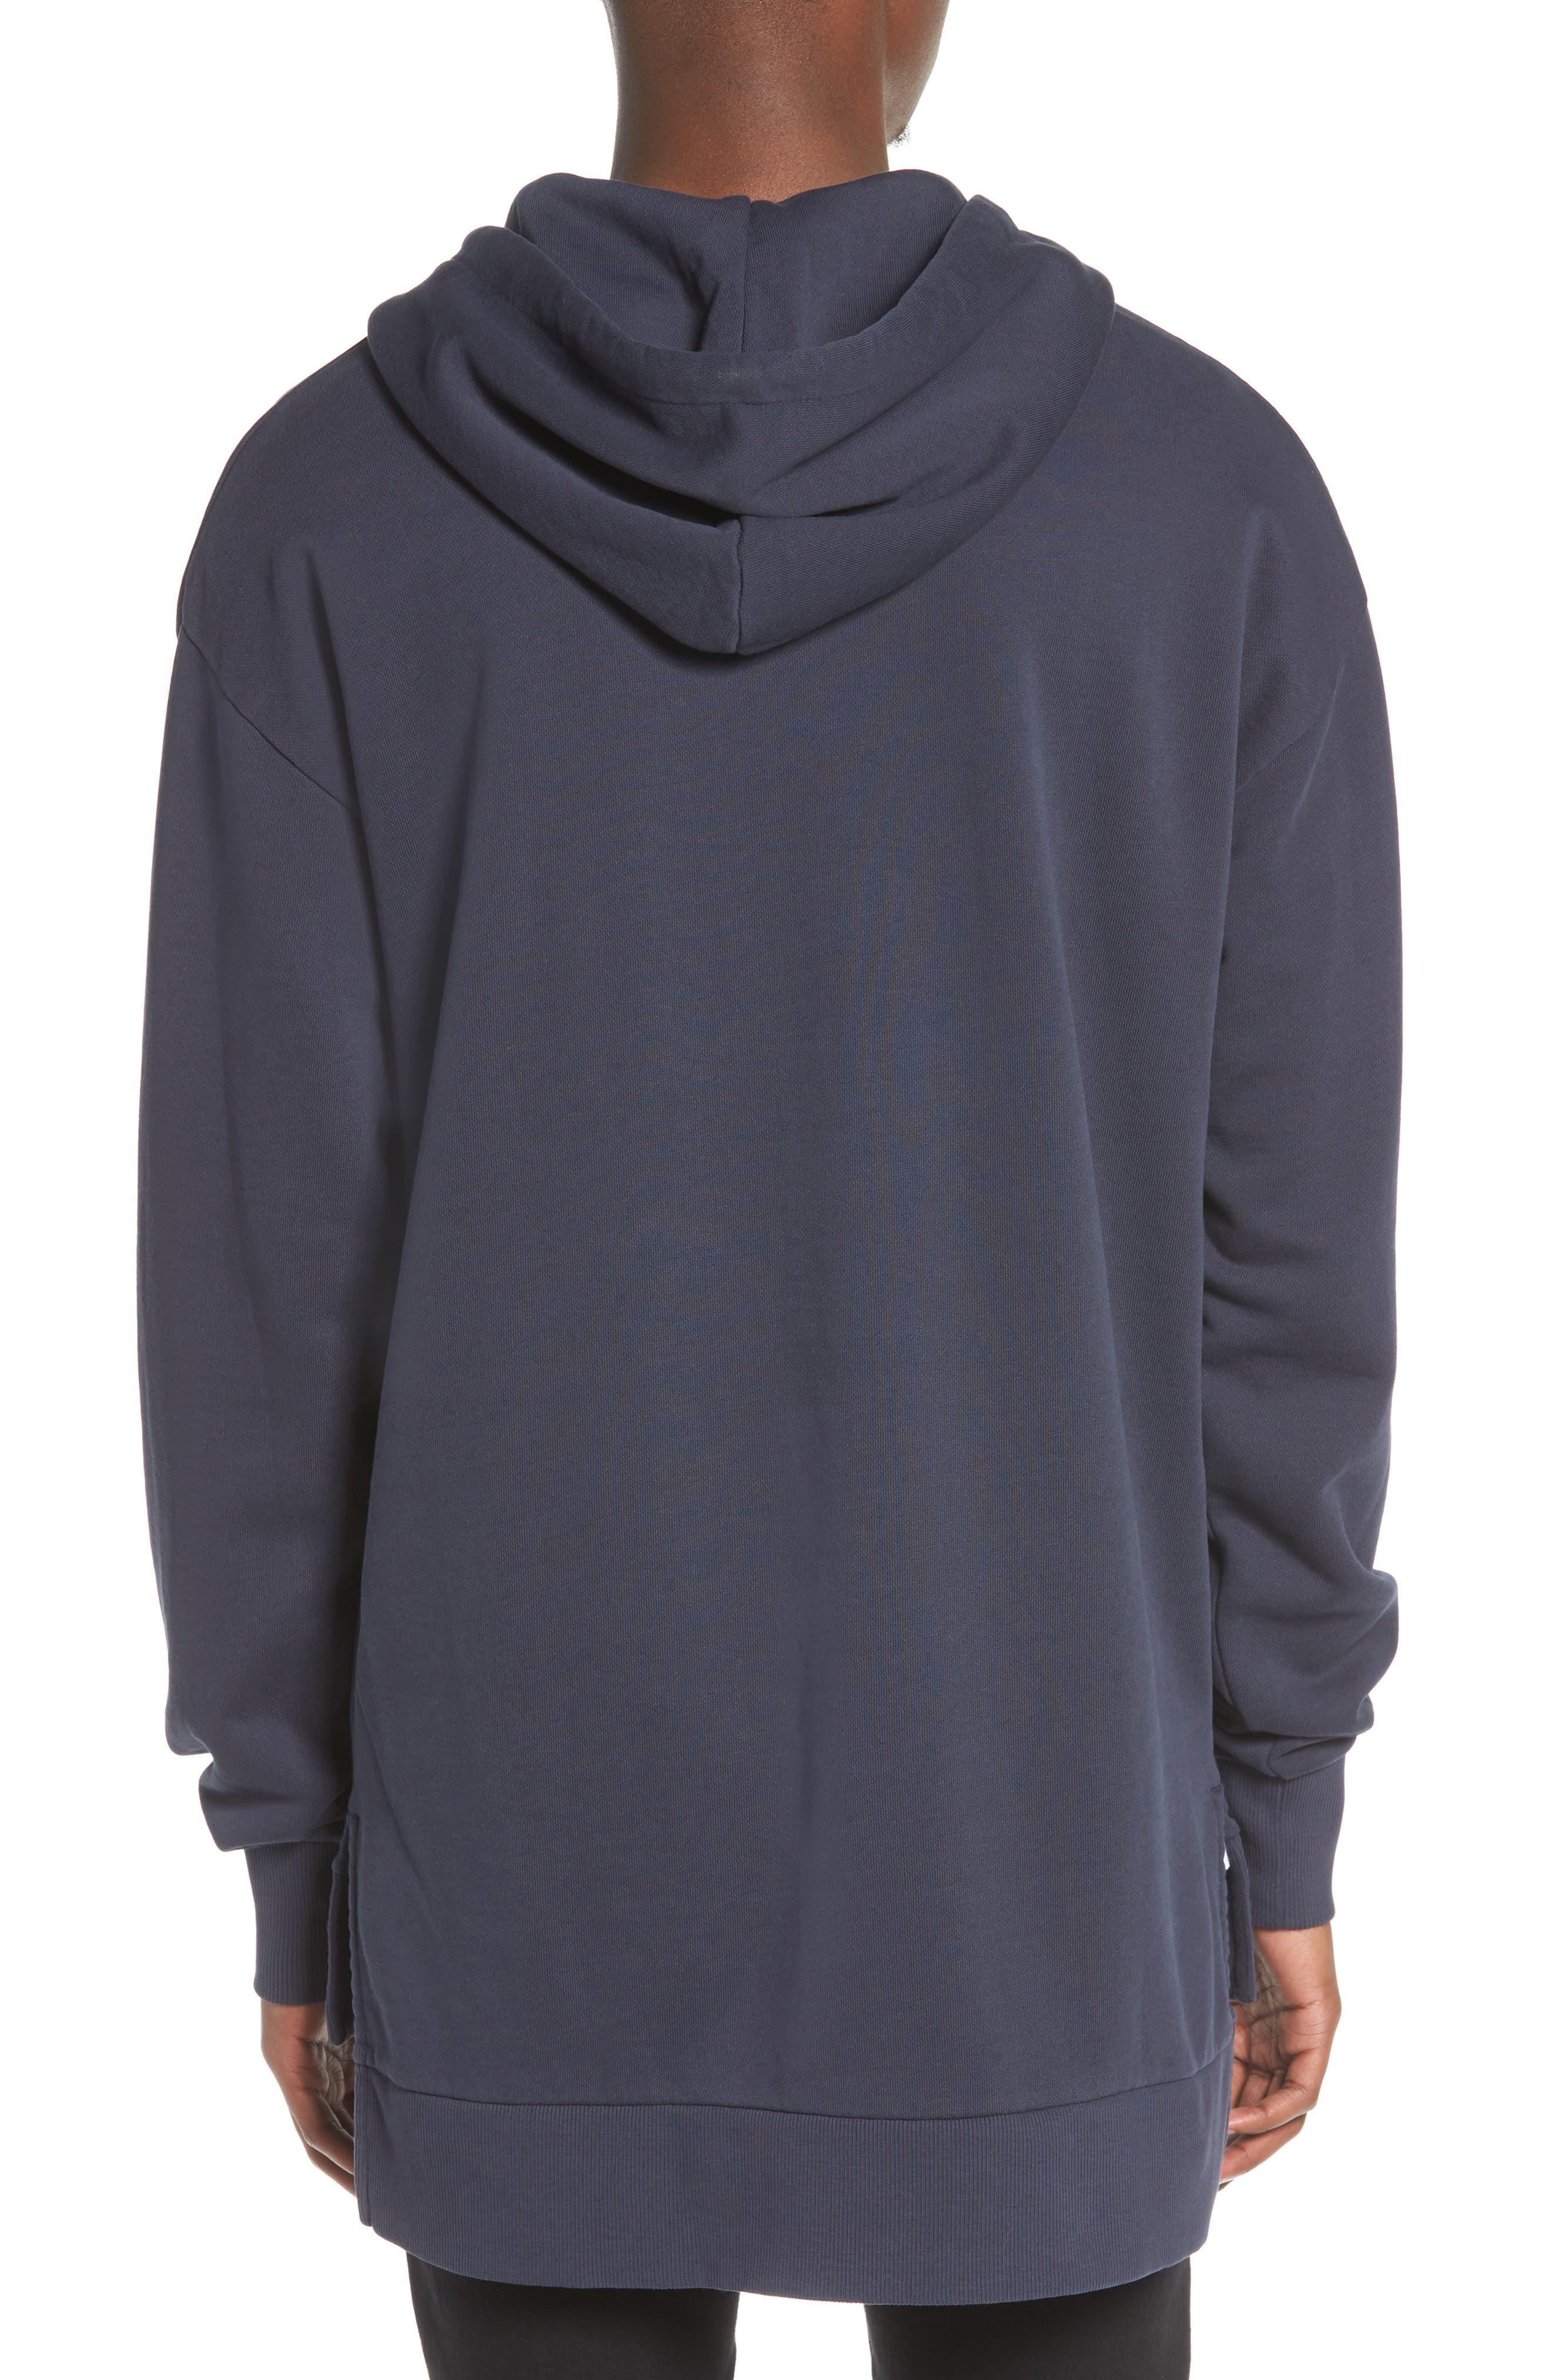 Brand Rugger Hooded Sweatshirt,                             Alternate thumbnail 2, color,                             Duke Blue